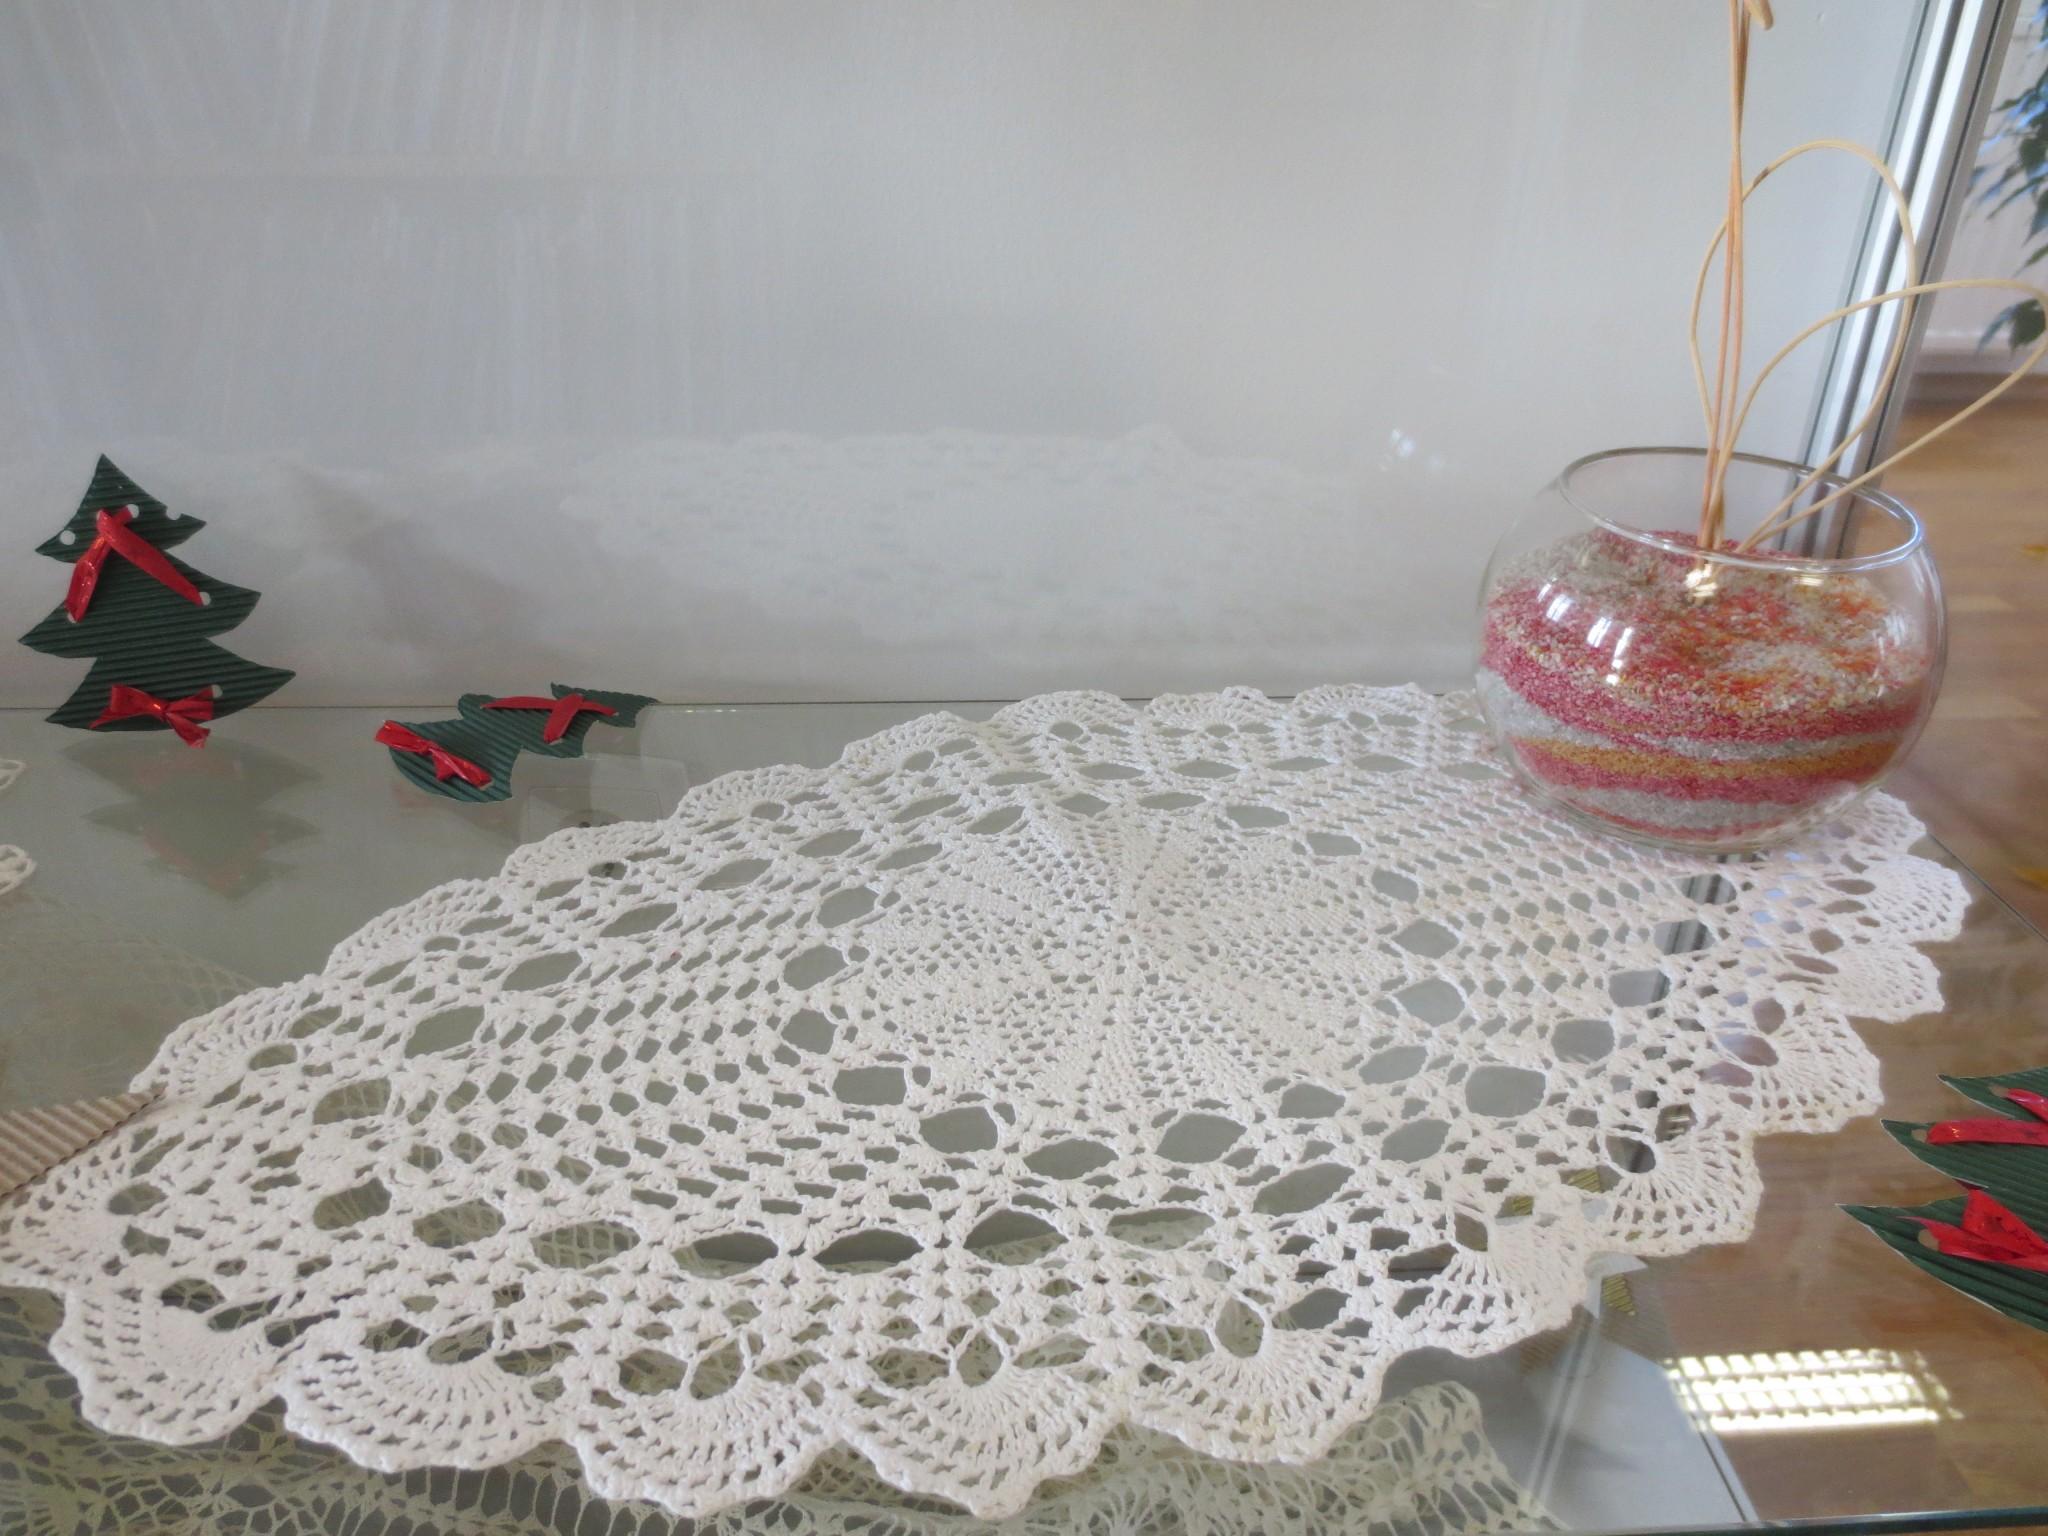 IMG 3257 - Antonija Koren - razstava kvačkanih izdelkov